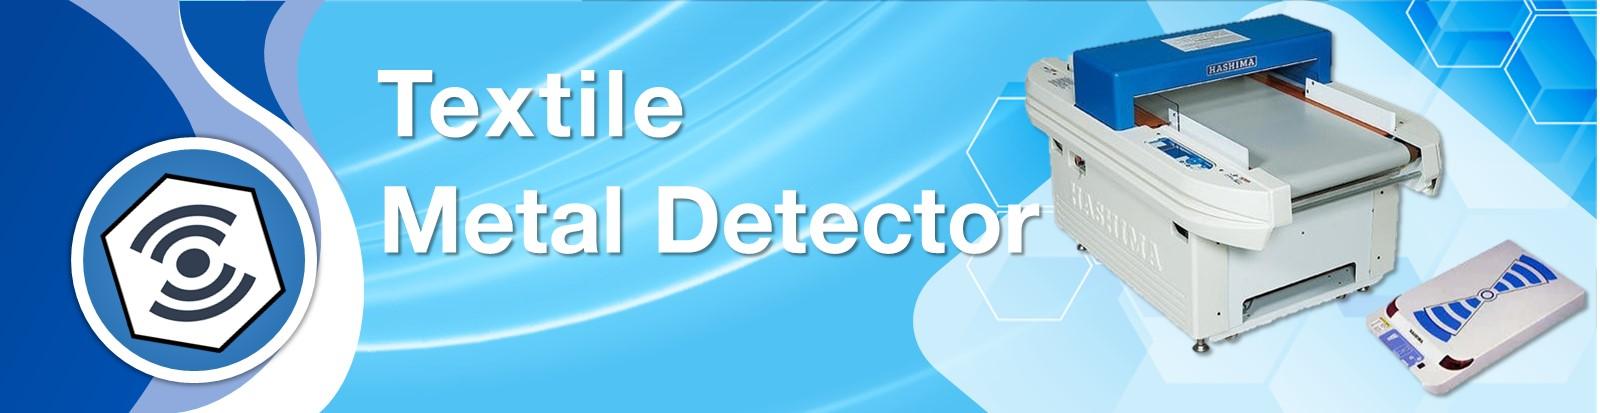 Textile Metal Detector